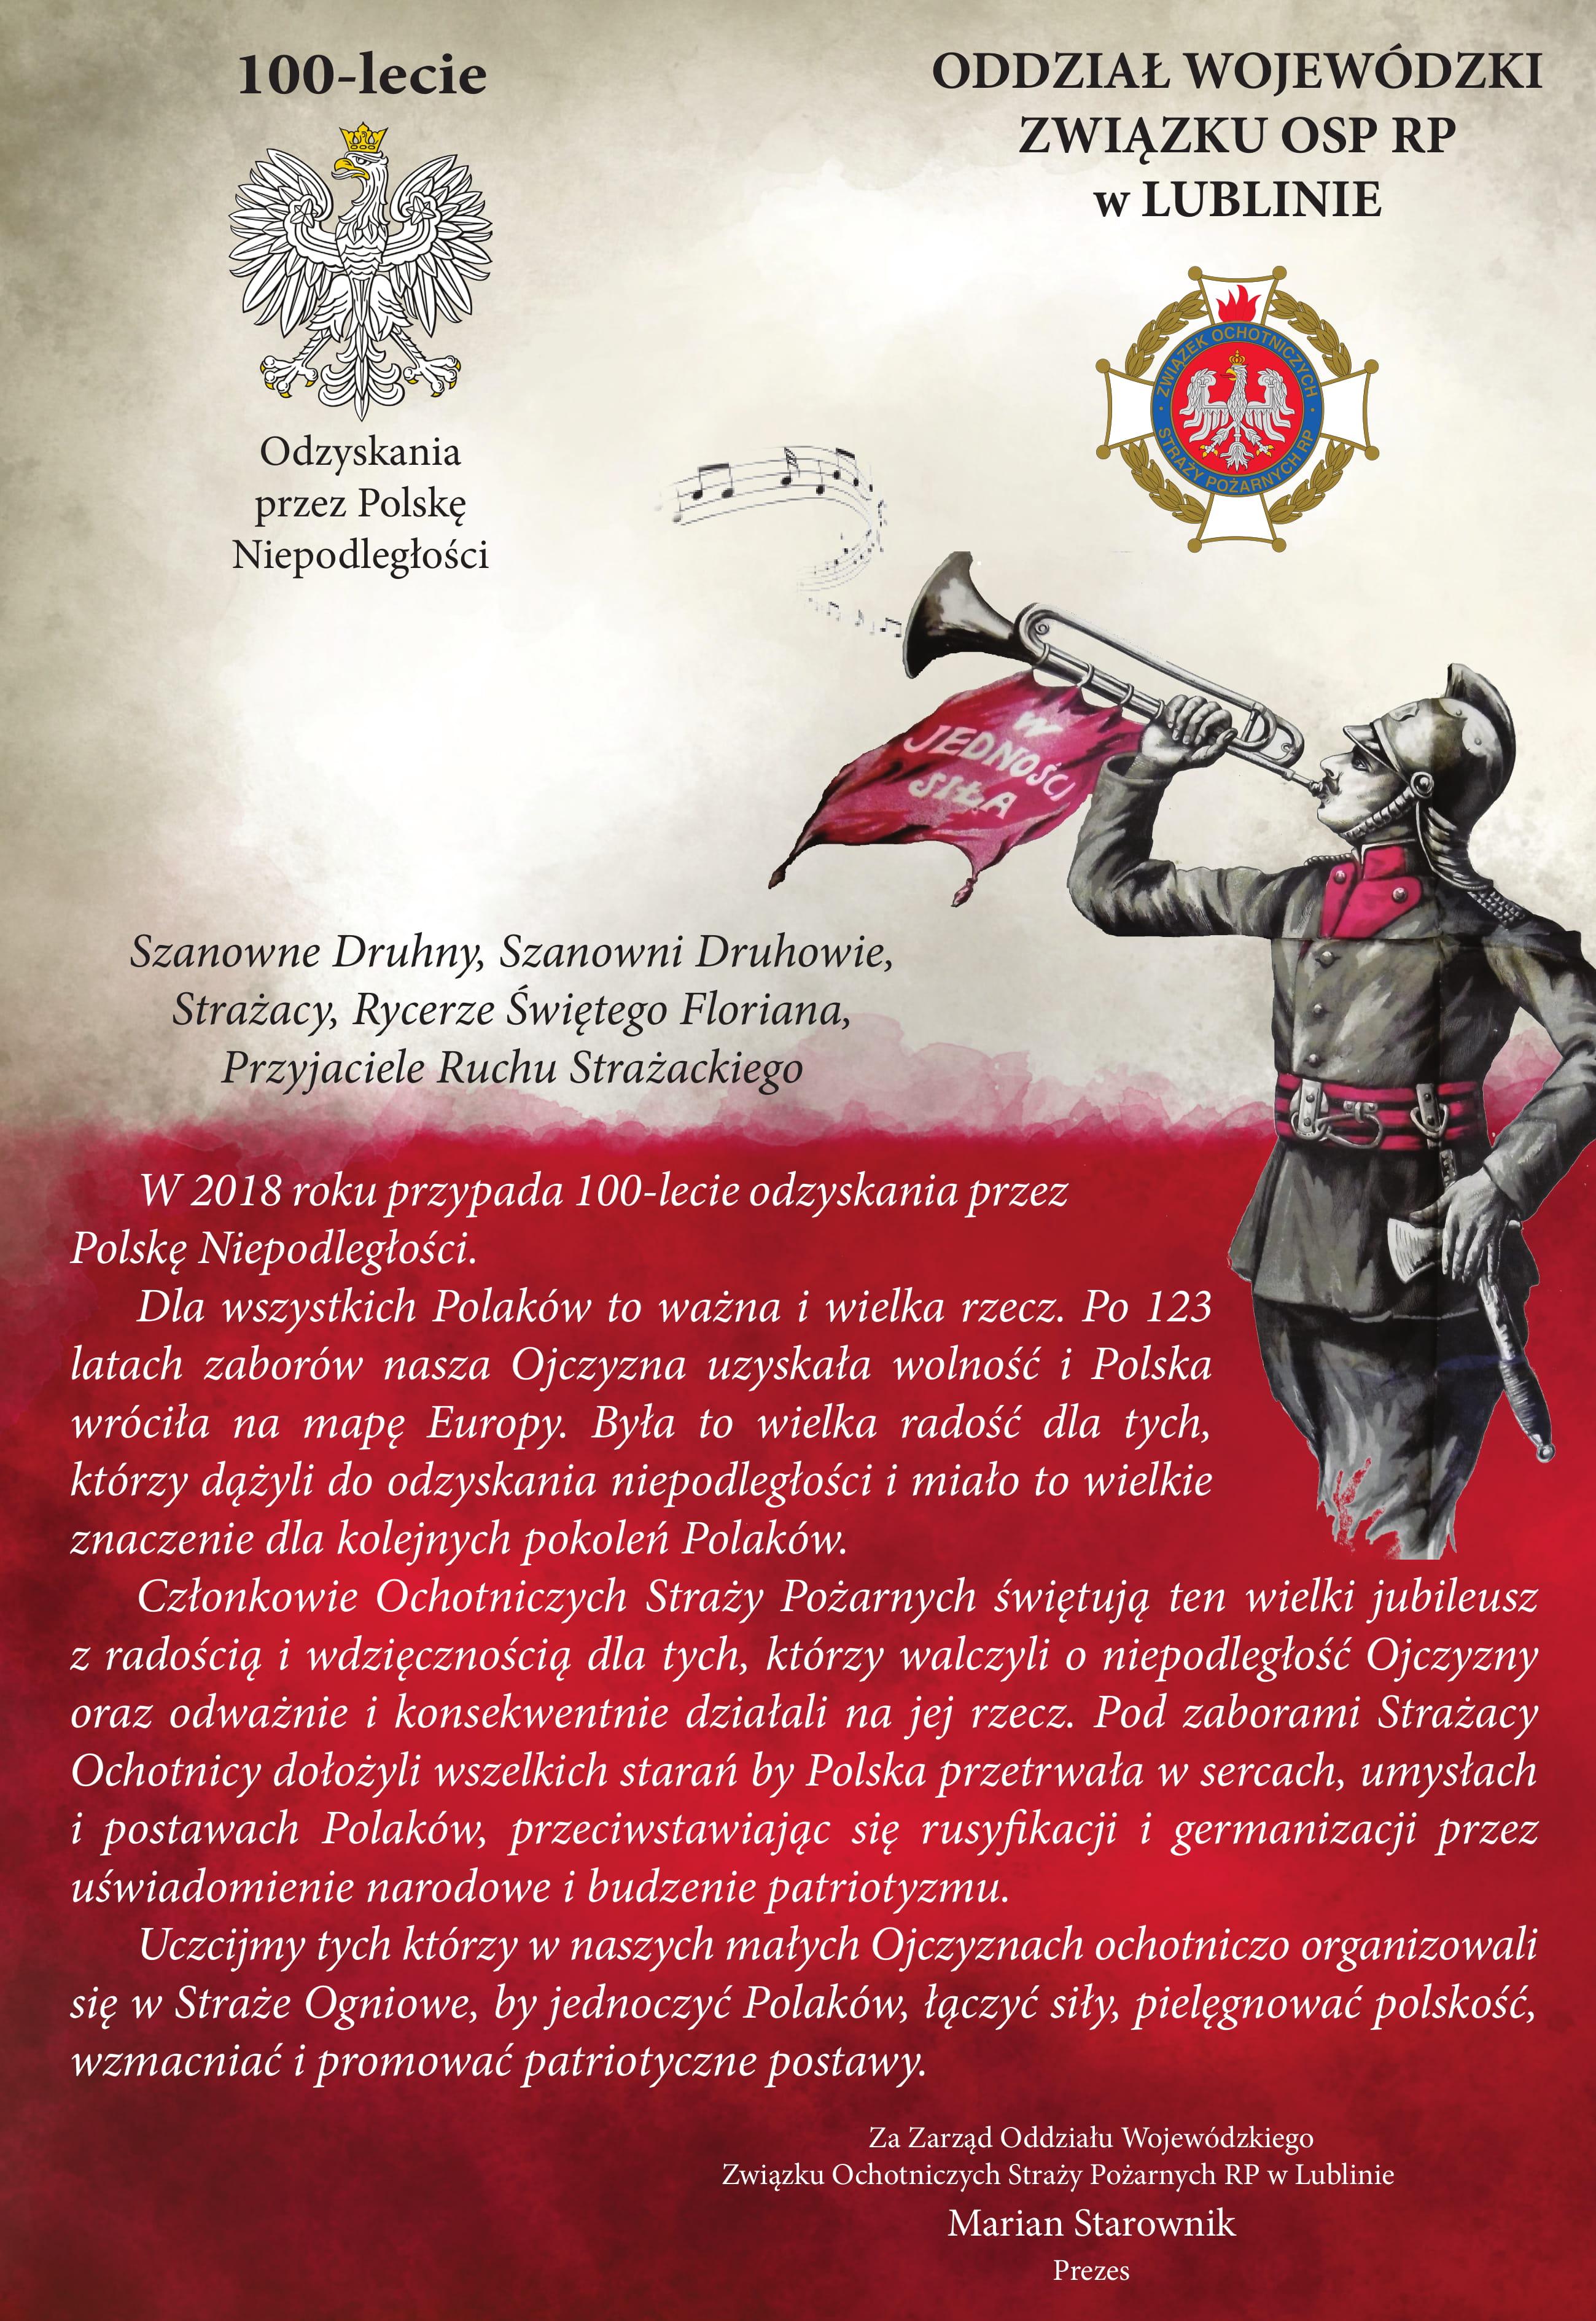 Oddział Wojewódzki Związku Ochotniczych Straży Pożarnych Rp